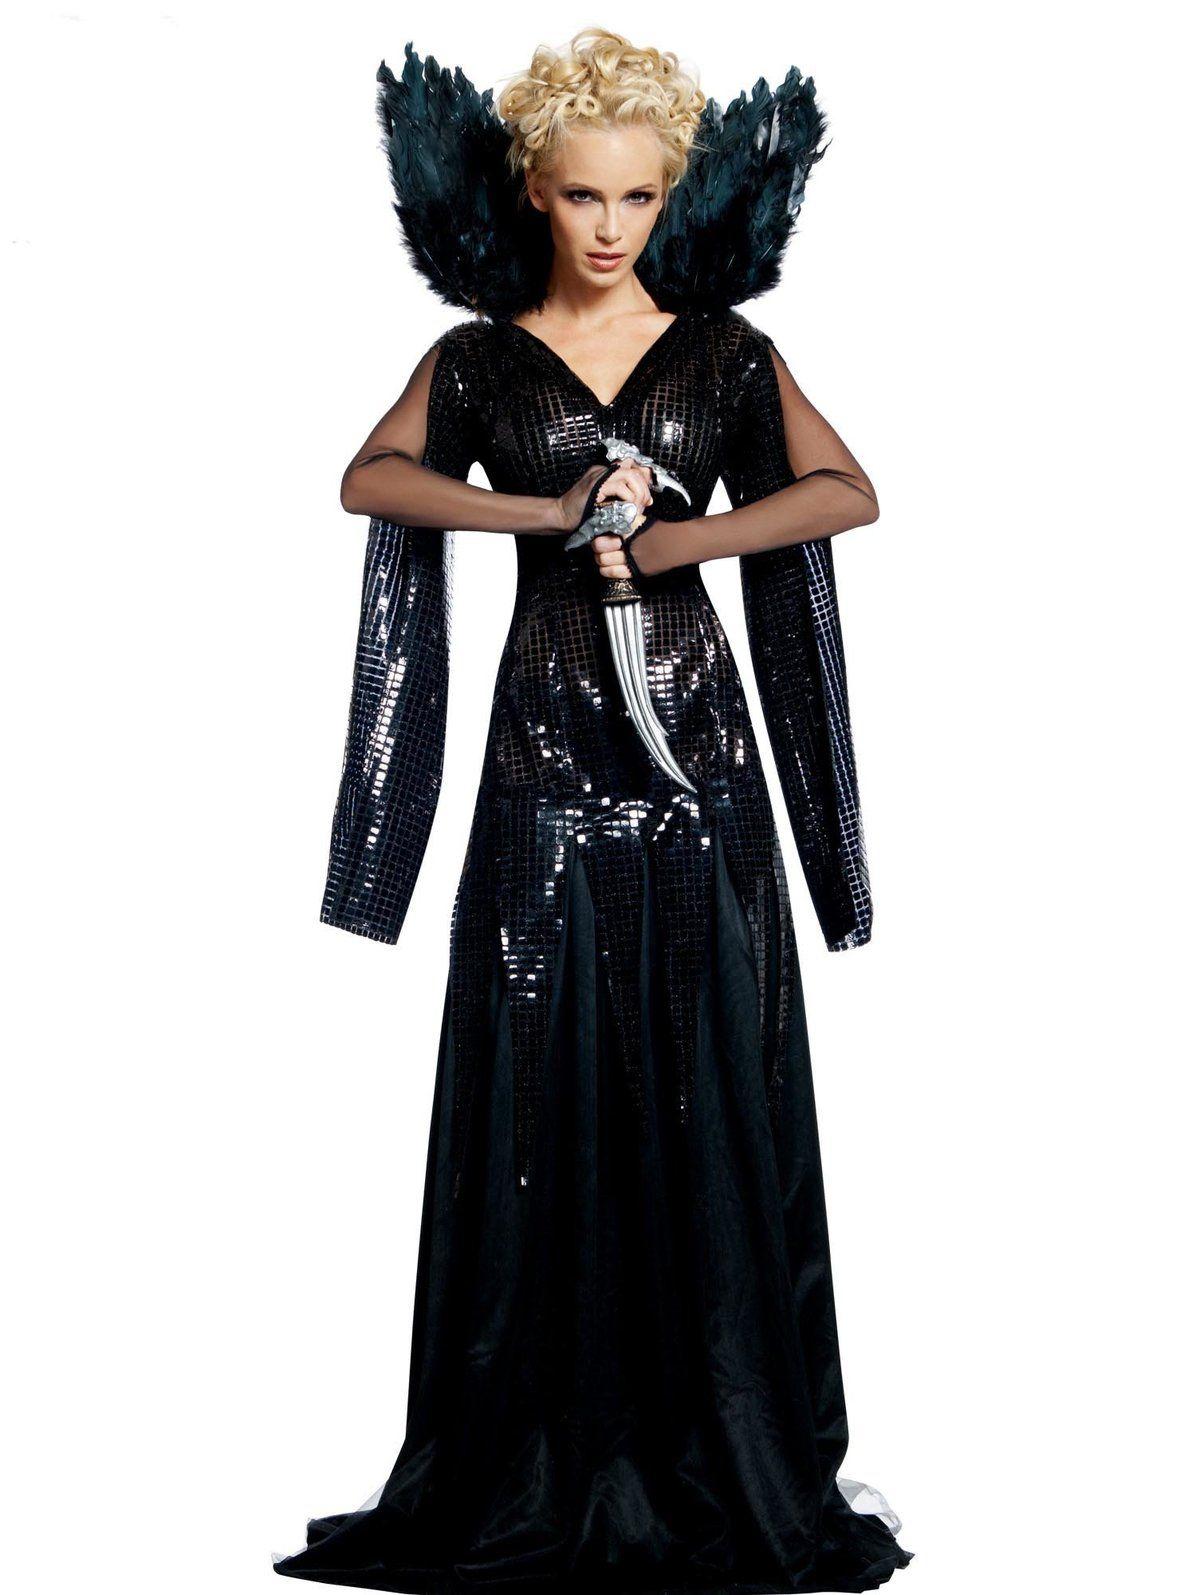 Adult Deluxe Queen Ravenna Costume Evil queen costume